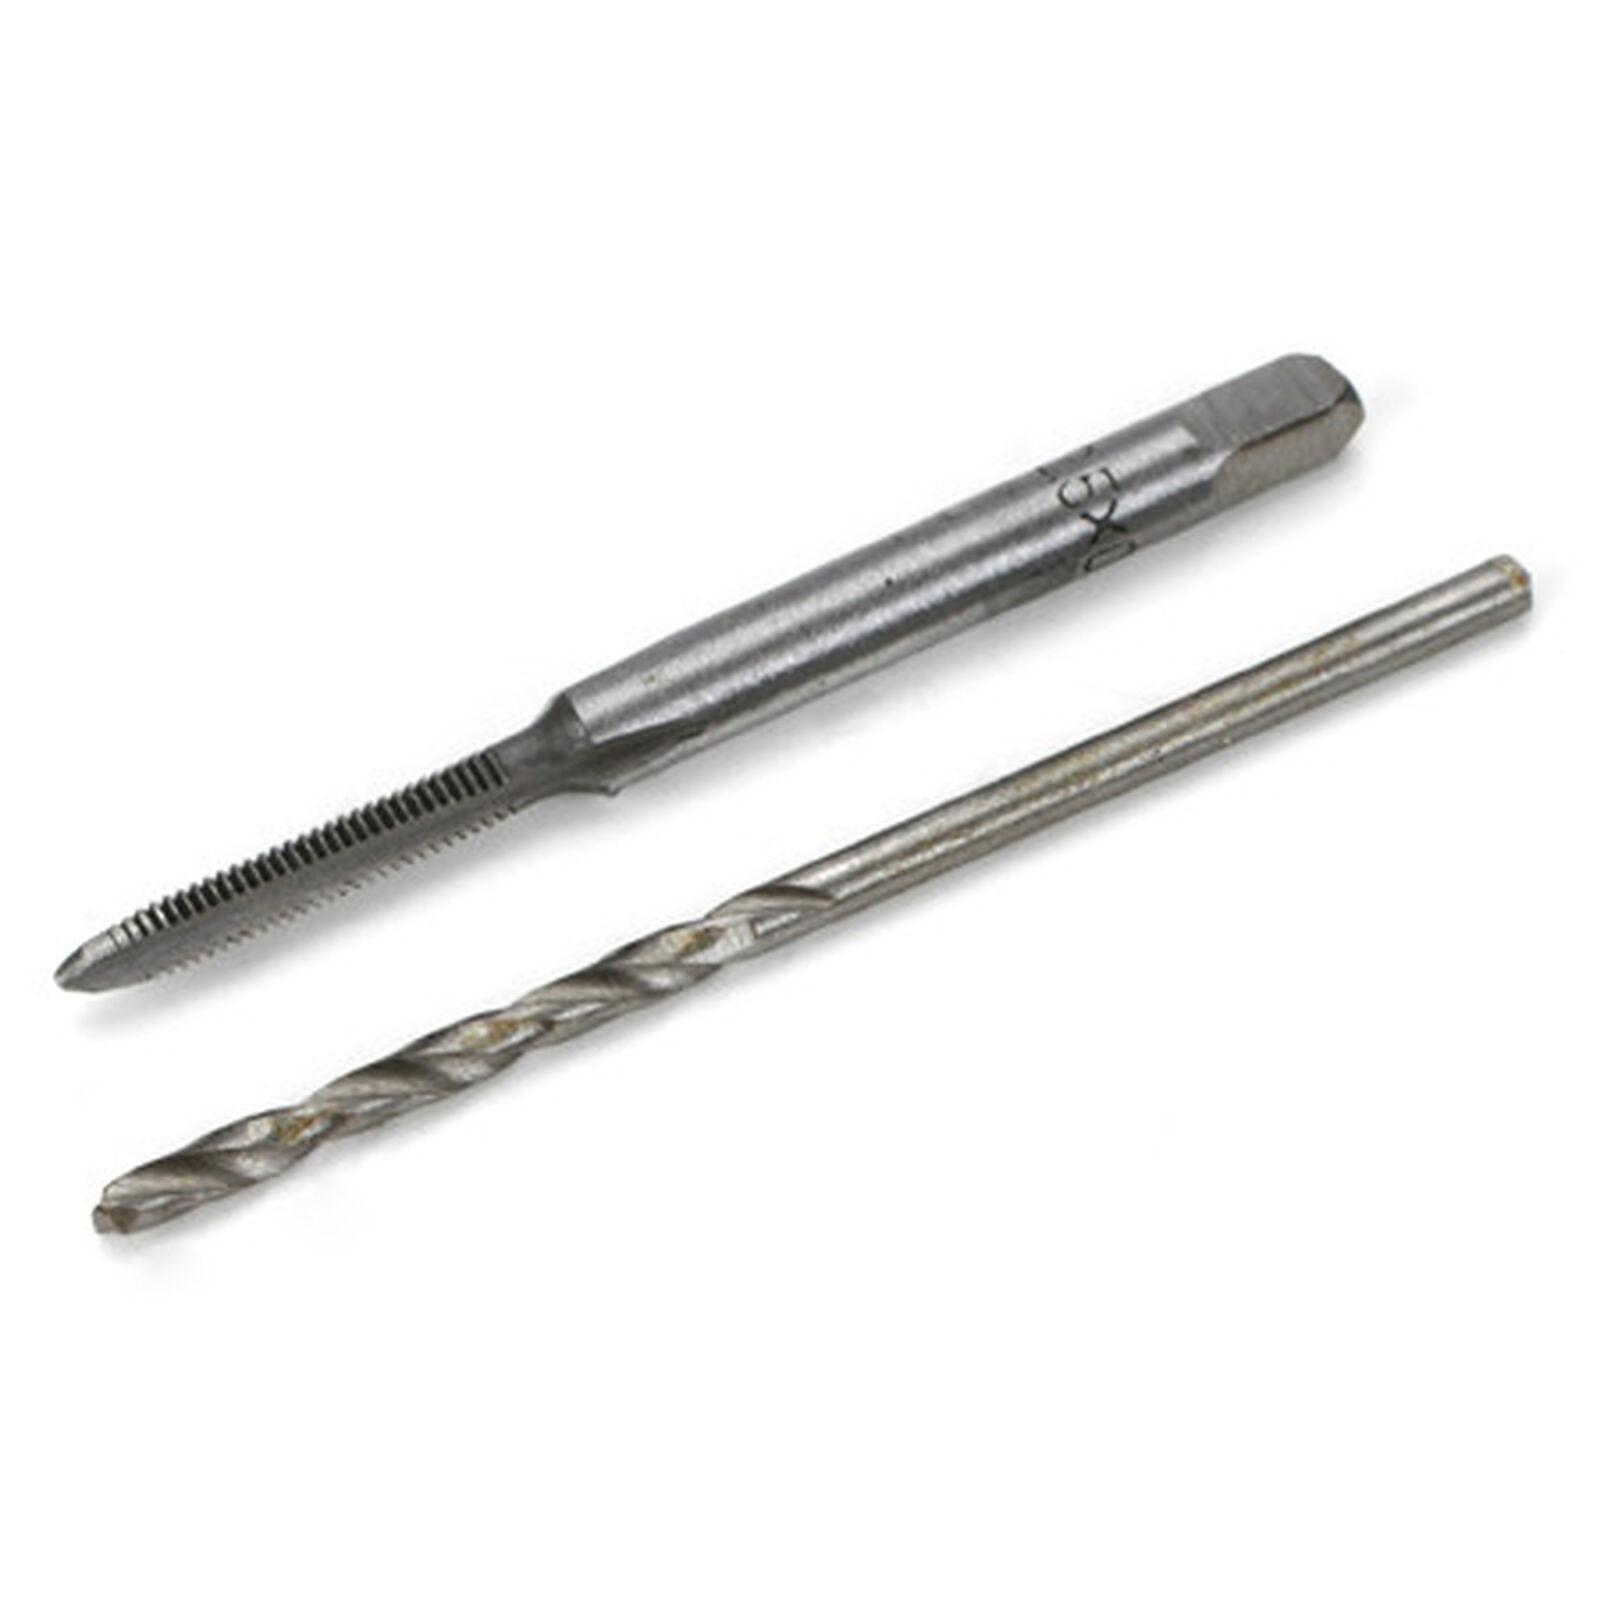 Tap & Drill Set, 2.5mm